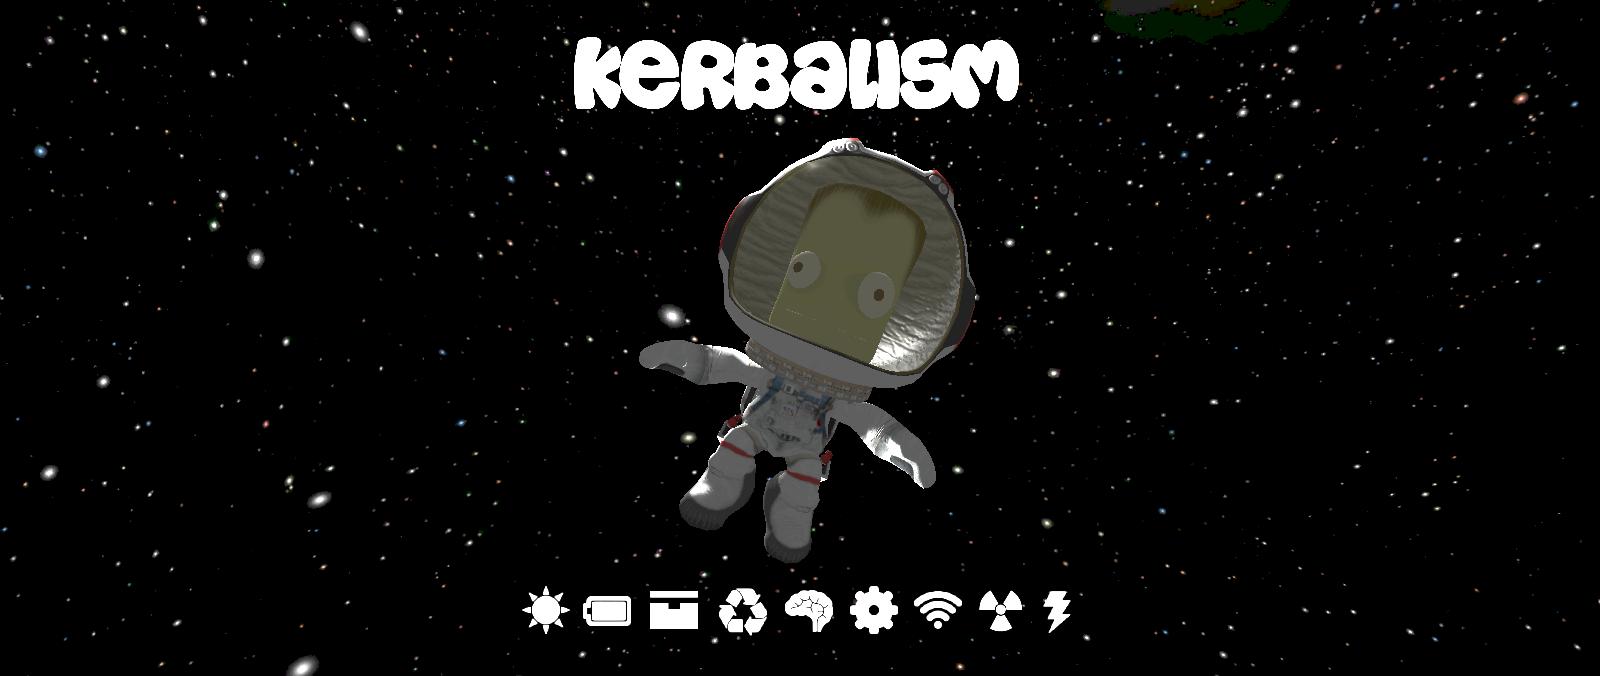 GitHub - Kerbalism/Kerbalism: Hundreds of Kerbals were